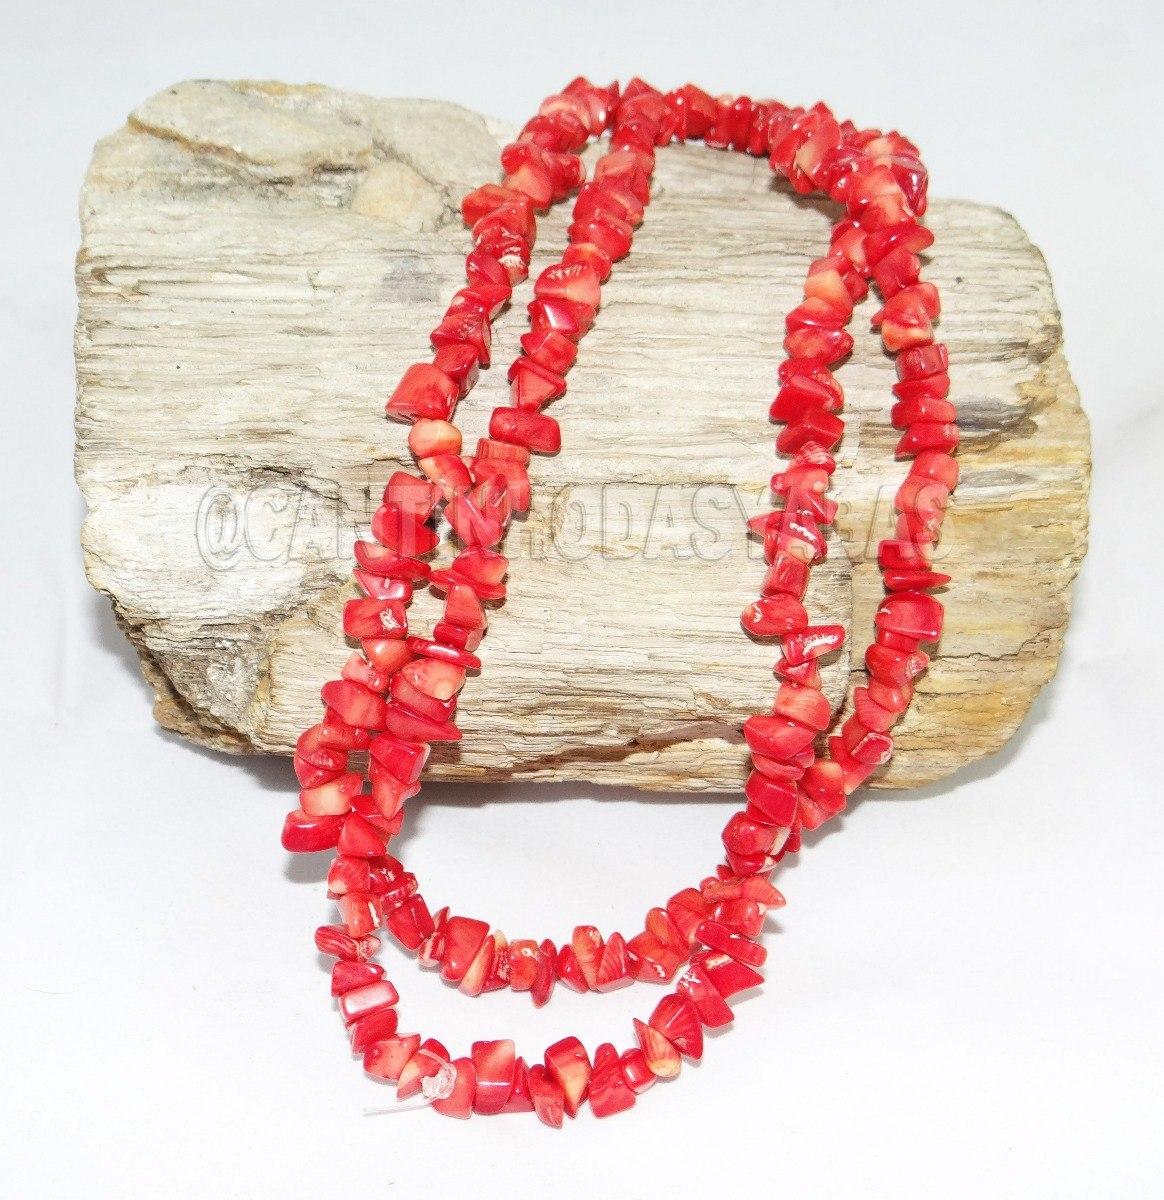 colar fio guia cascalho coral pedra natural iansa pomba gira r 27